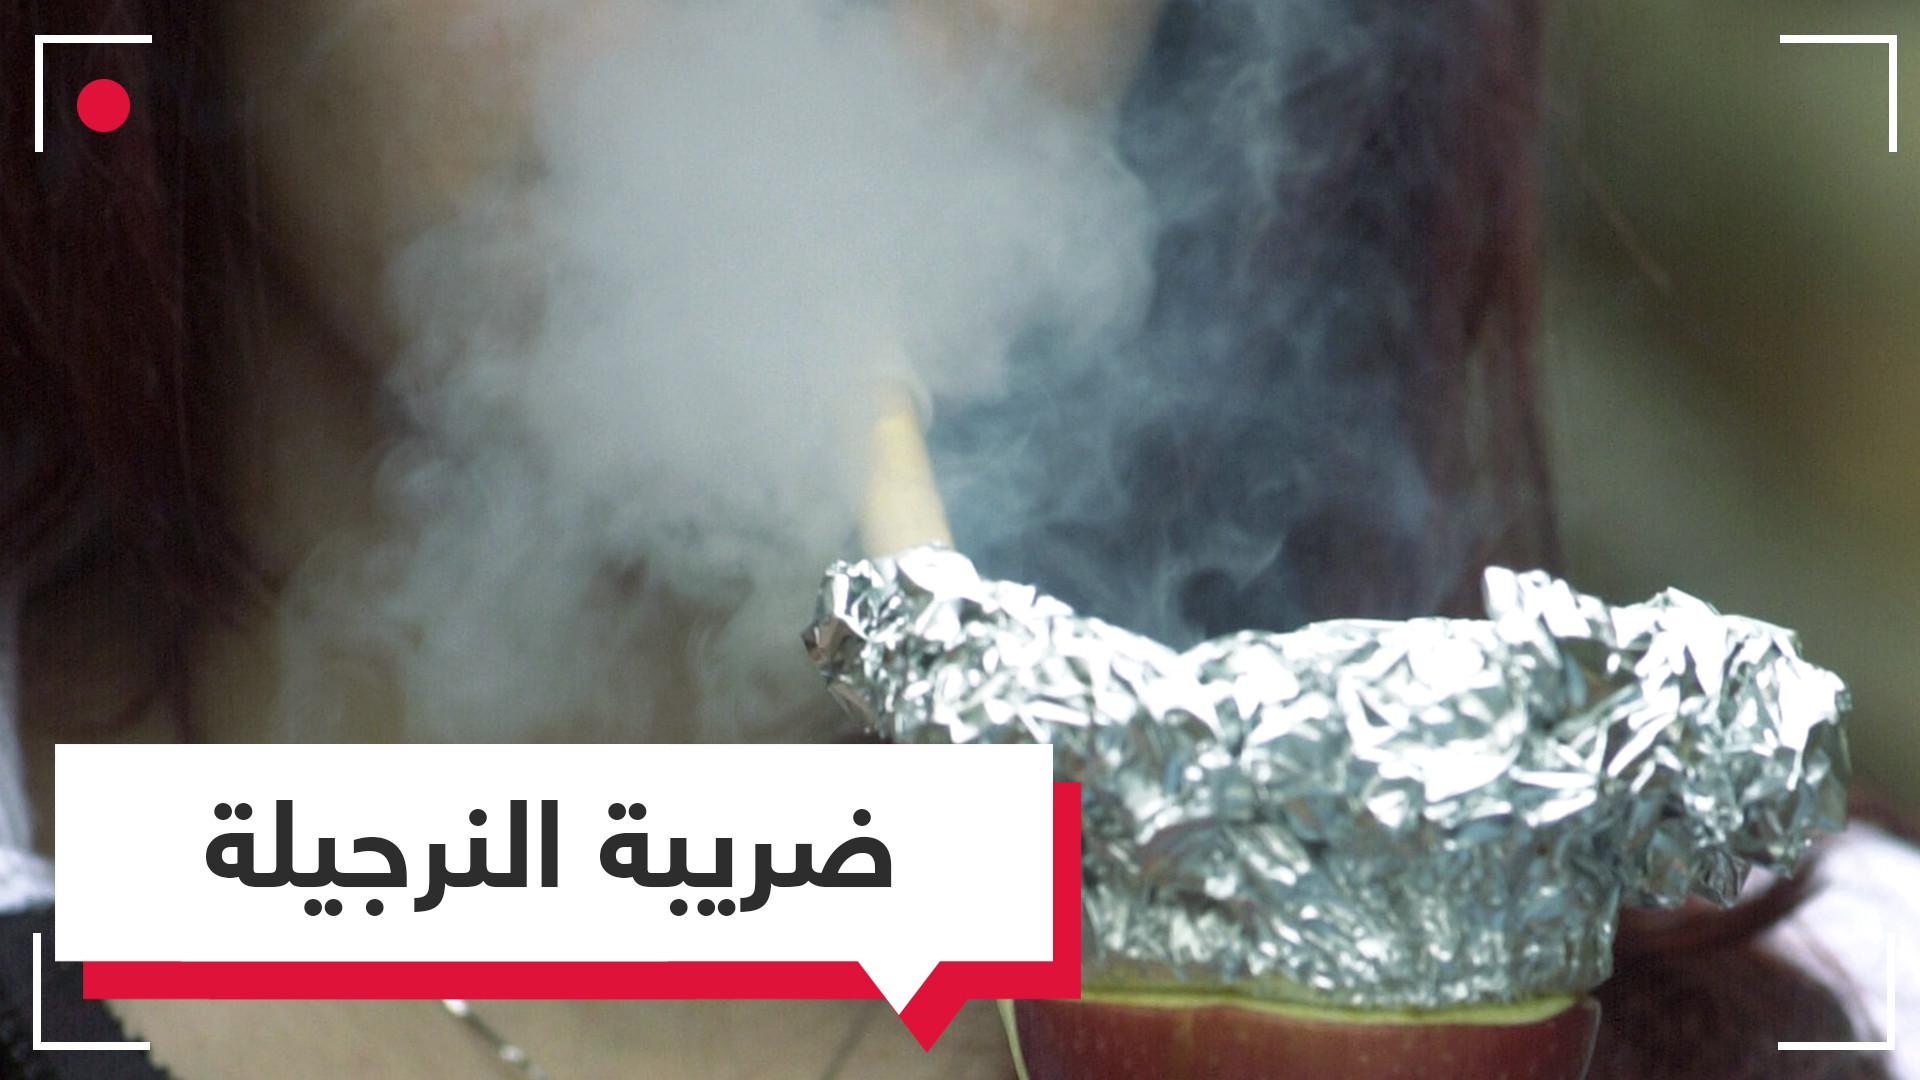 """1000 ليرة لكل نرجيلة.. ضريبة """"تشعل"""" غضب الشارع اللبناني"""